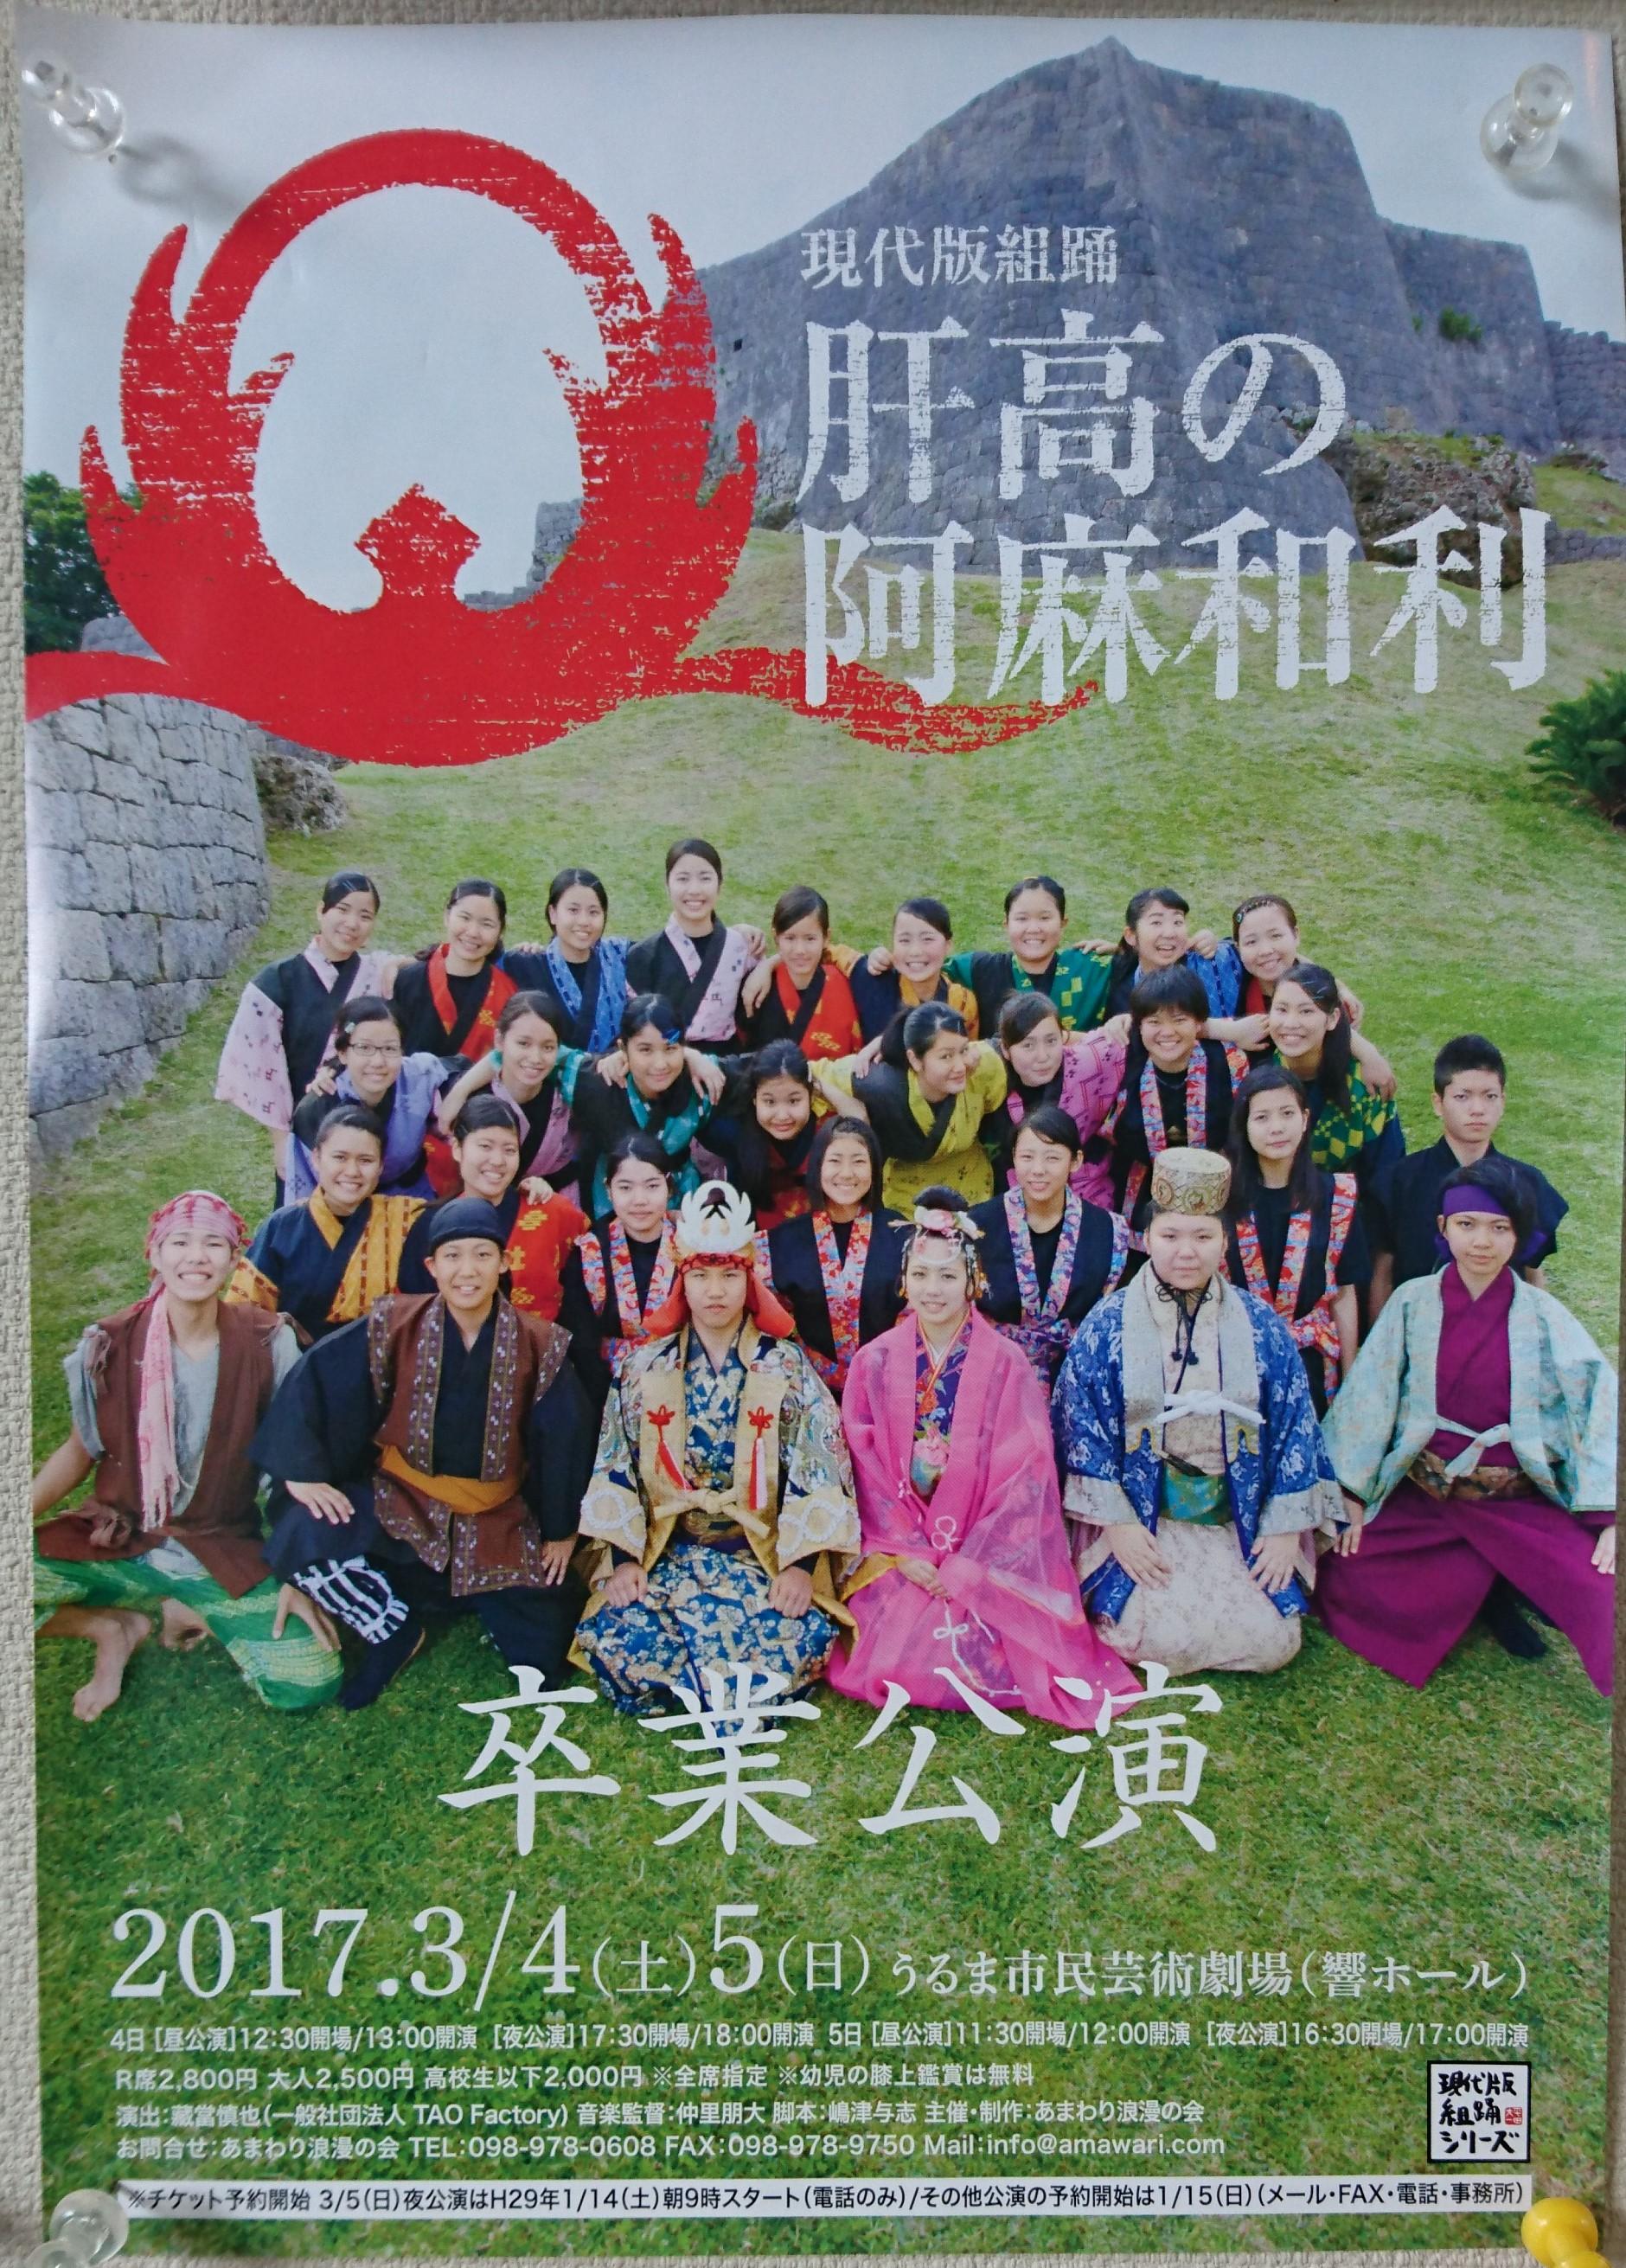 2017年3月卒業公演ポスター。